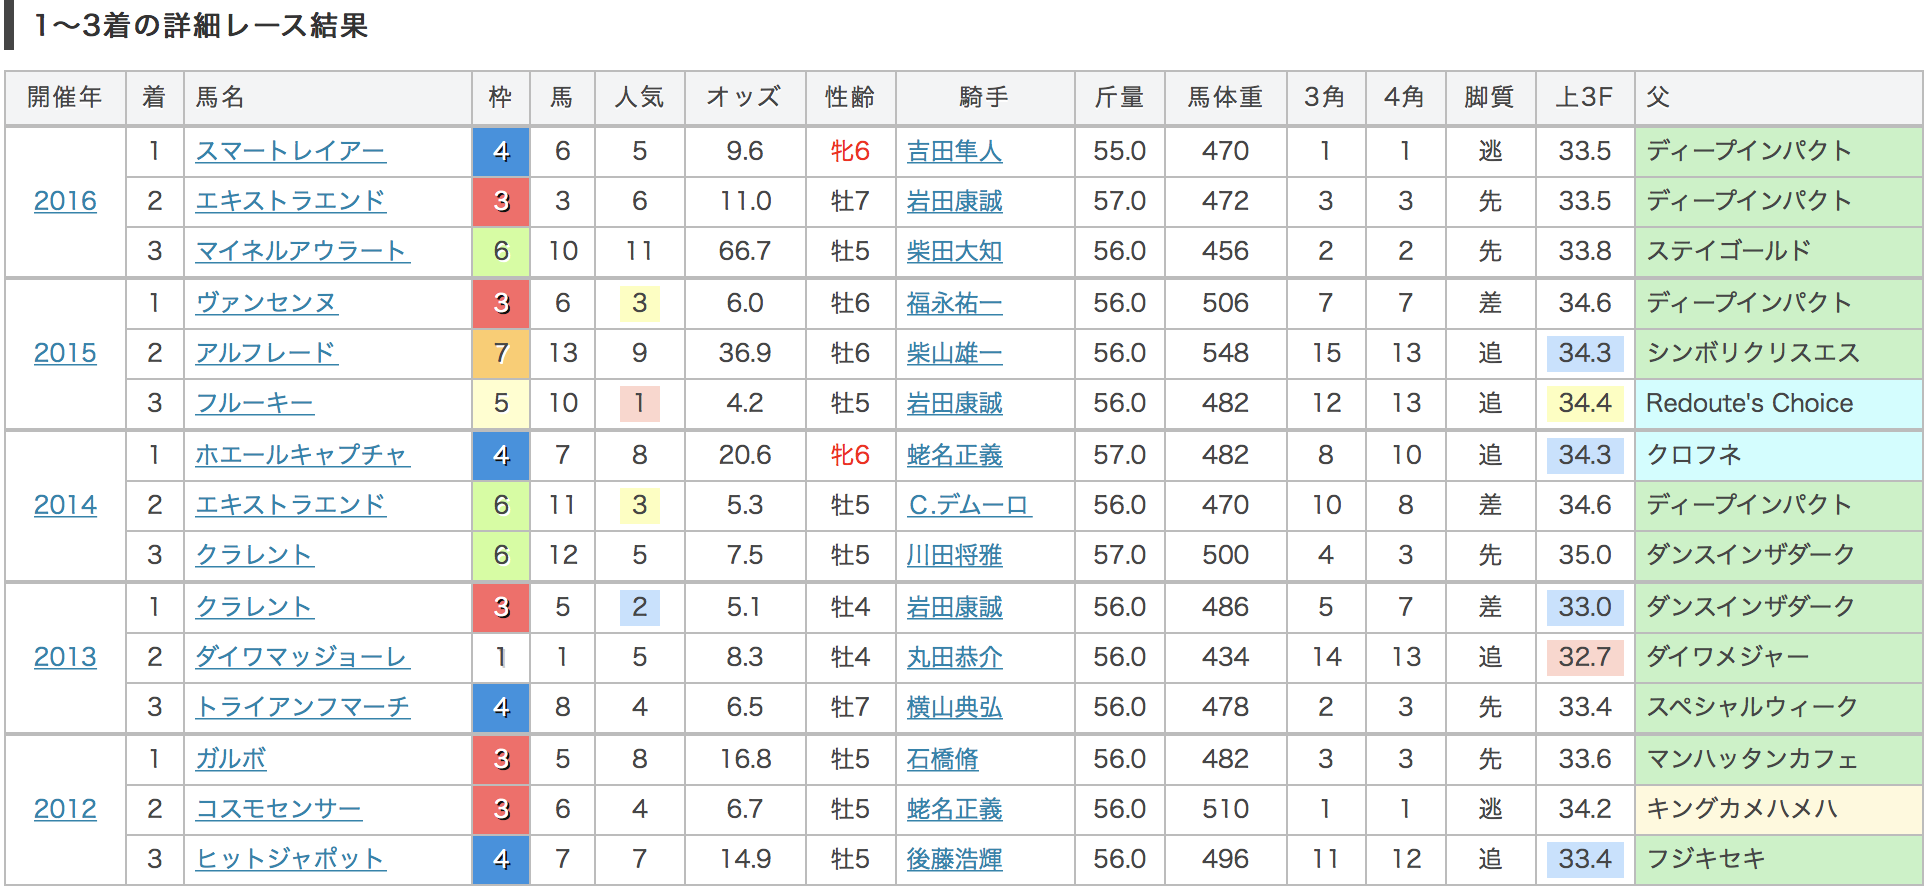 東京新聞杯過去結果データ